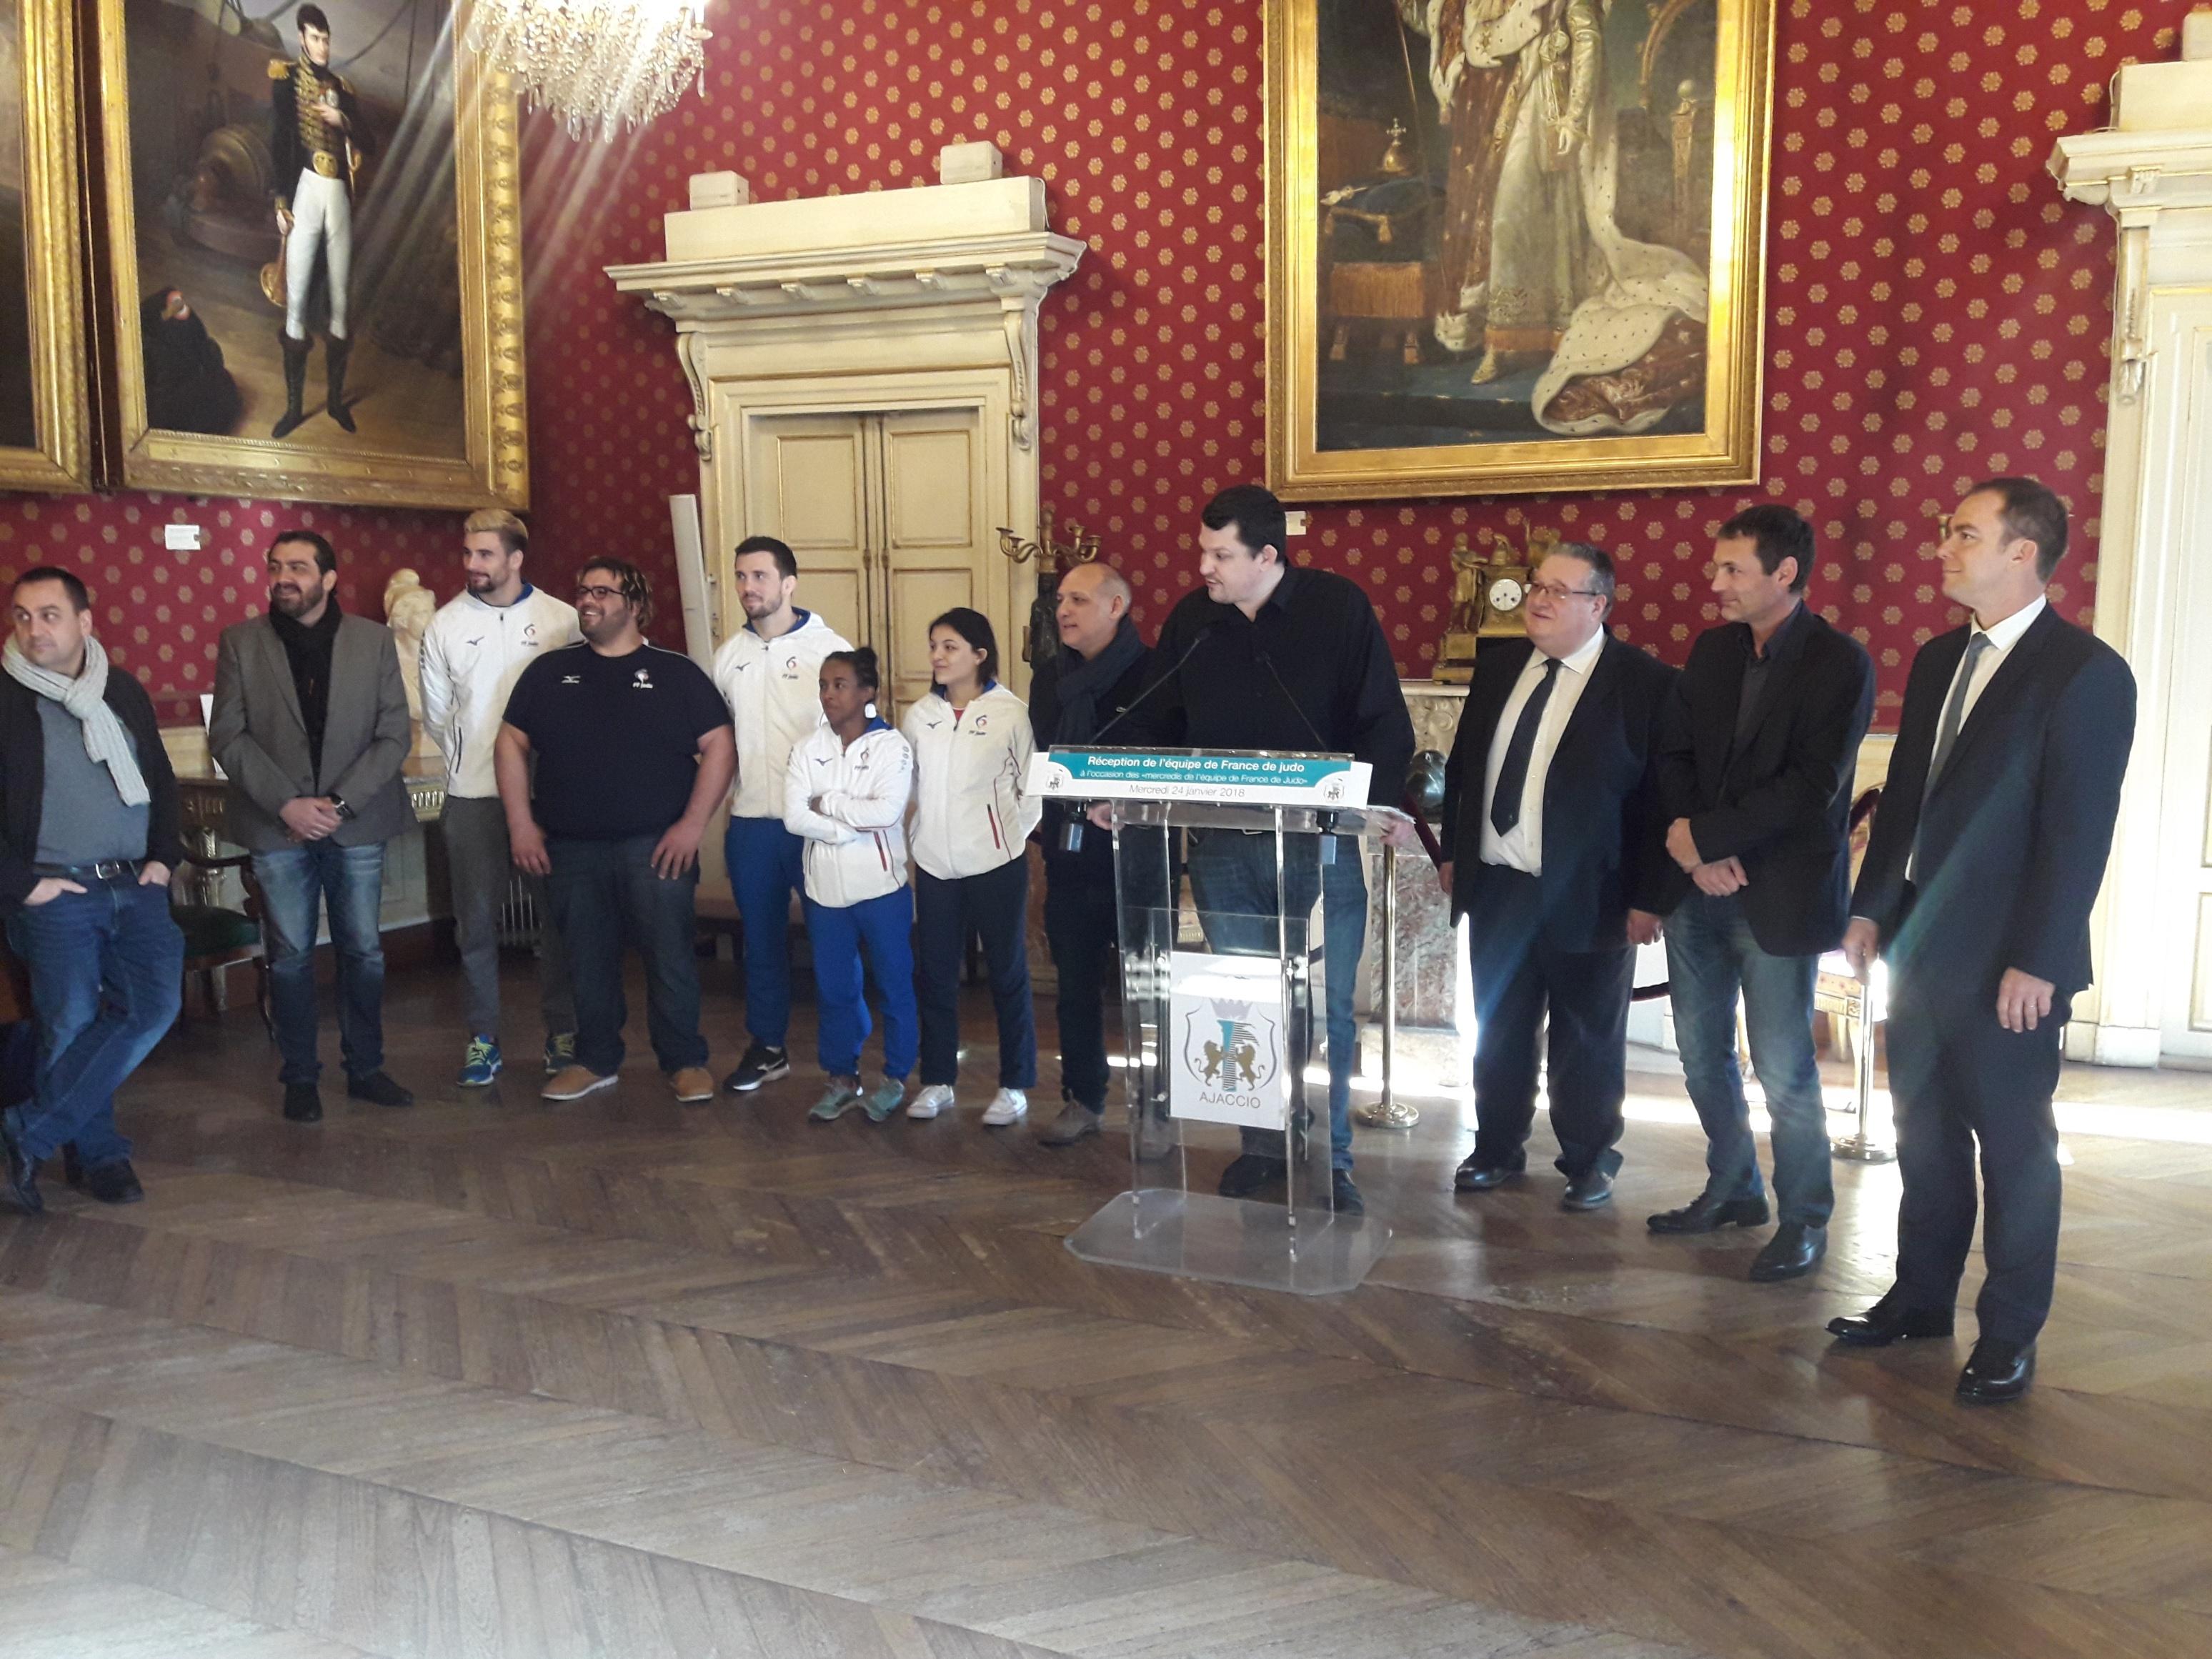 Judo: L'équipe de France reçue à l'Hôtel de Ville